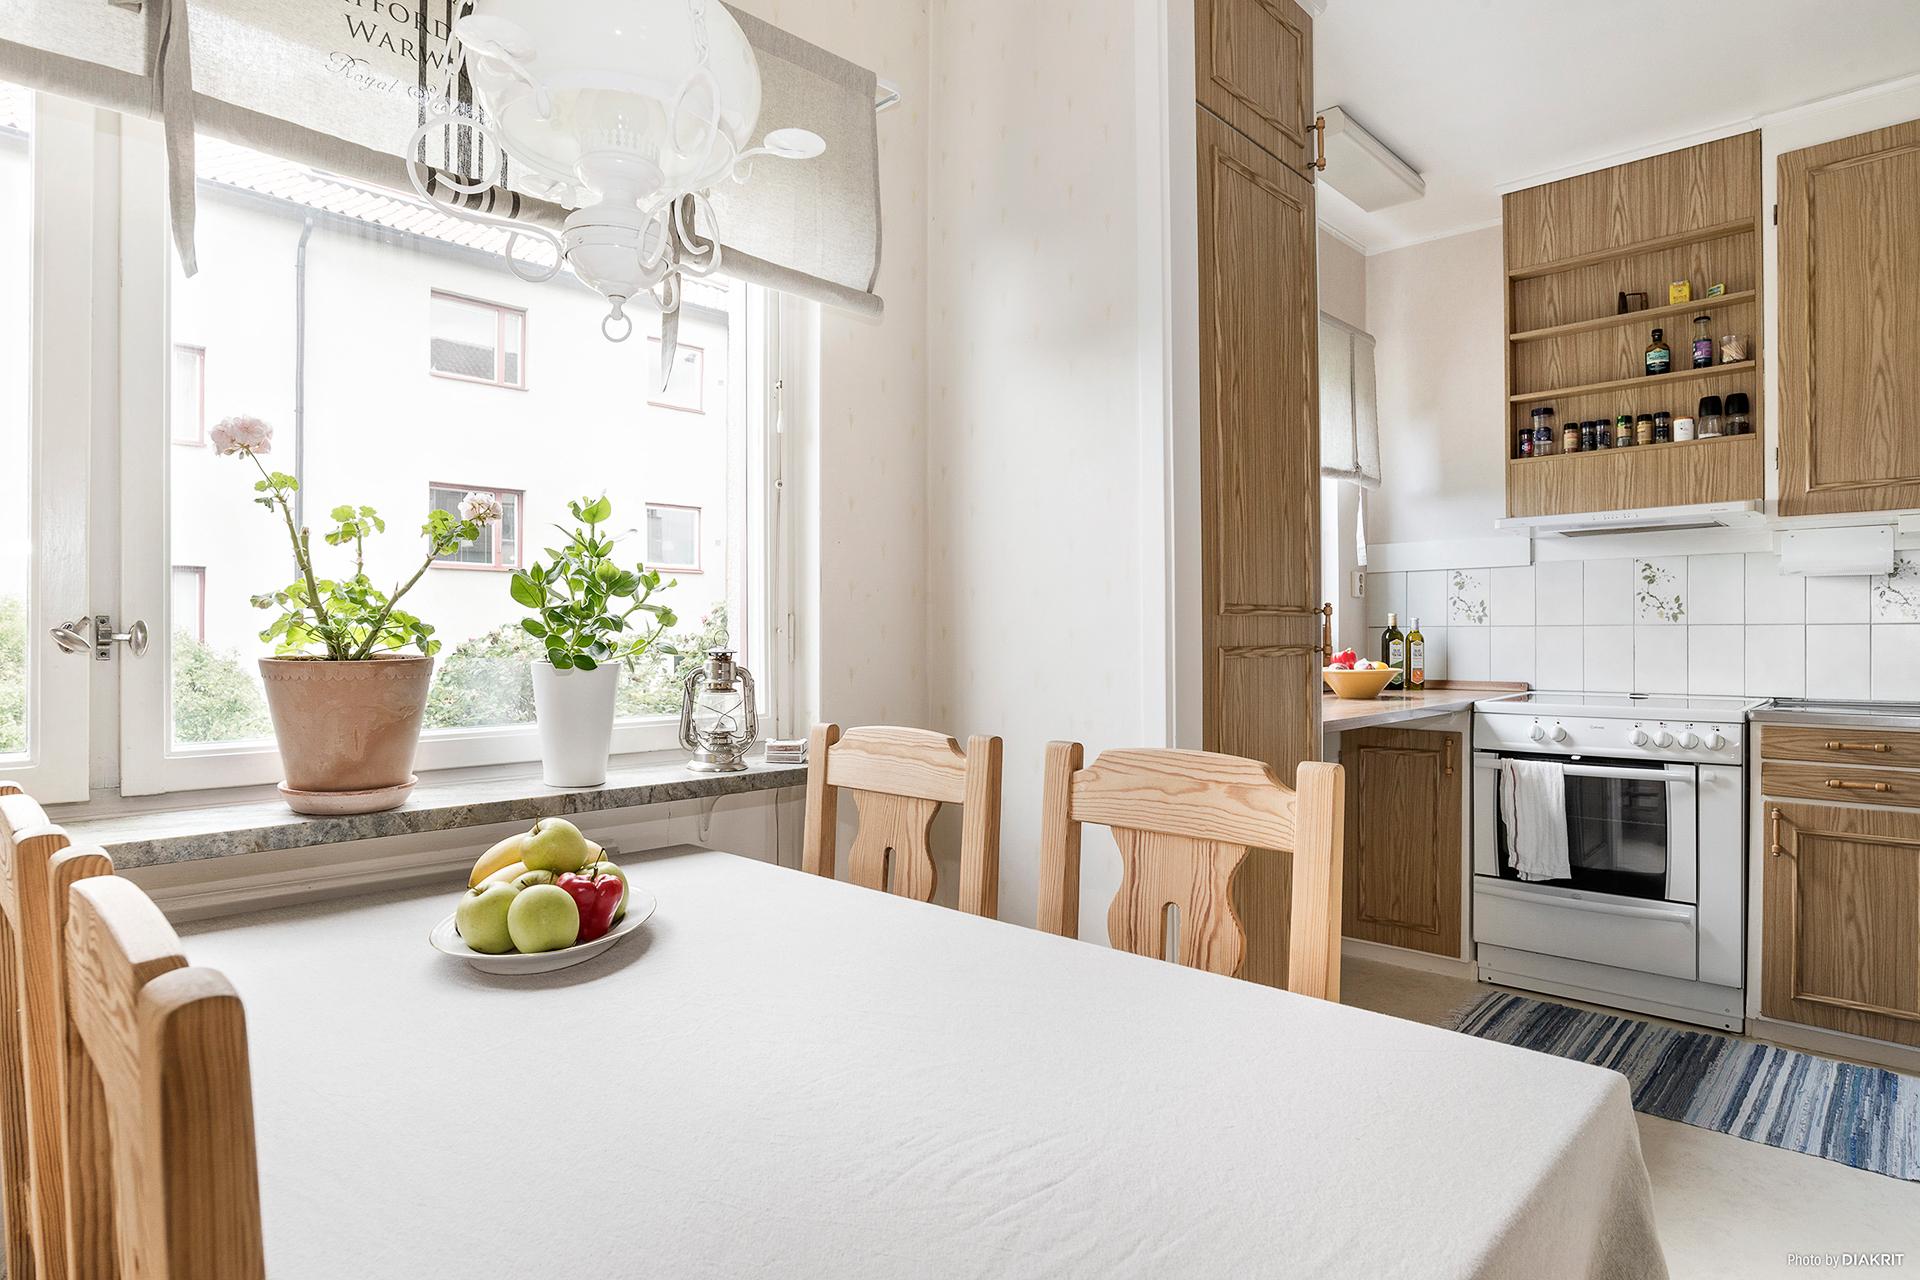 Matplats i kök intill fönster